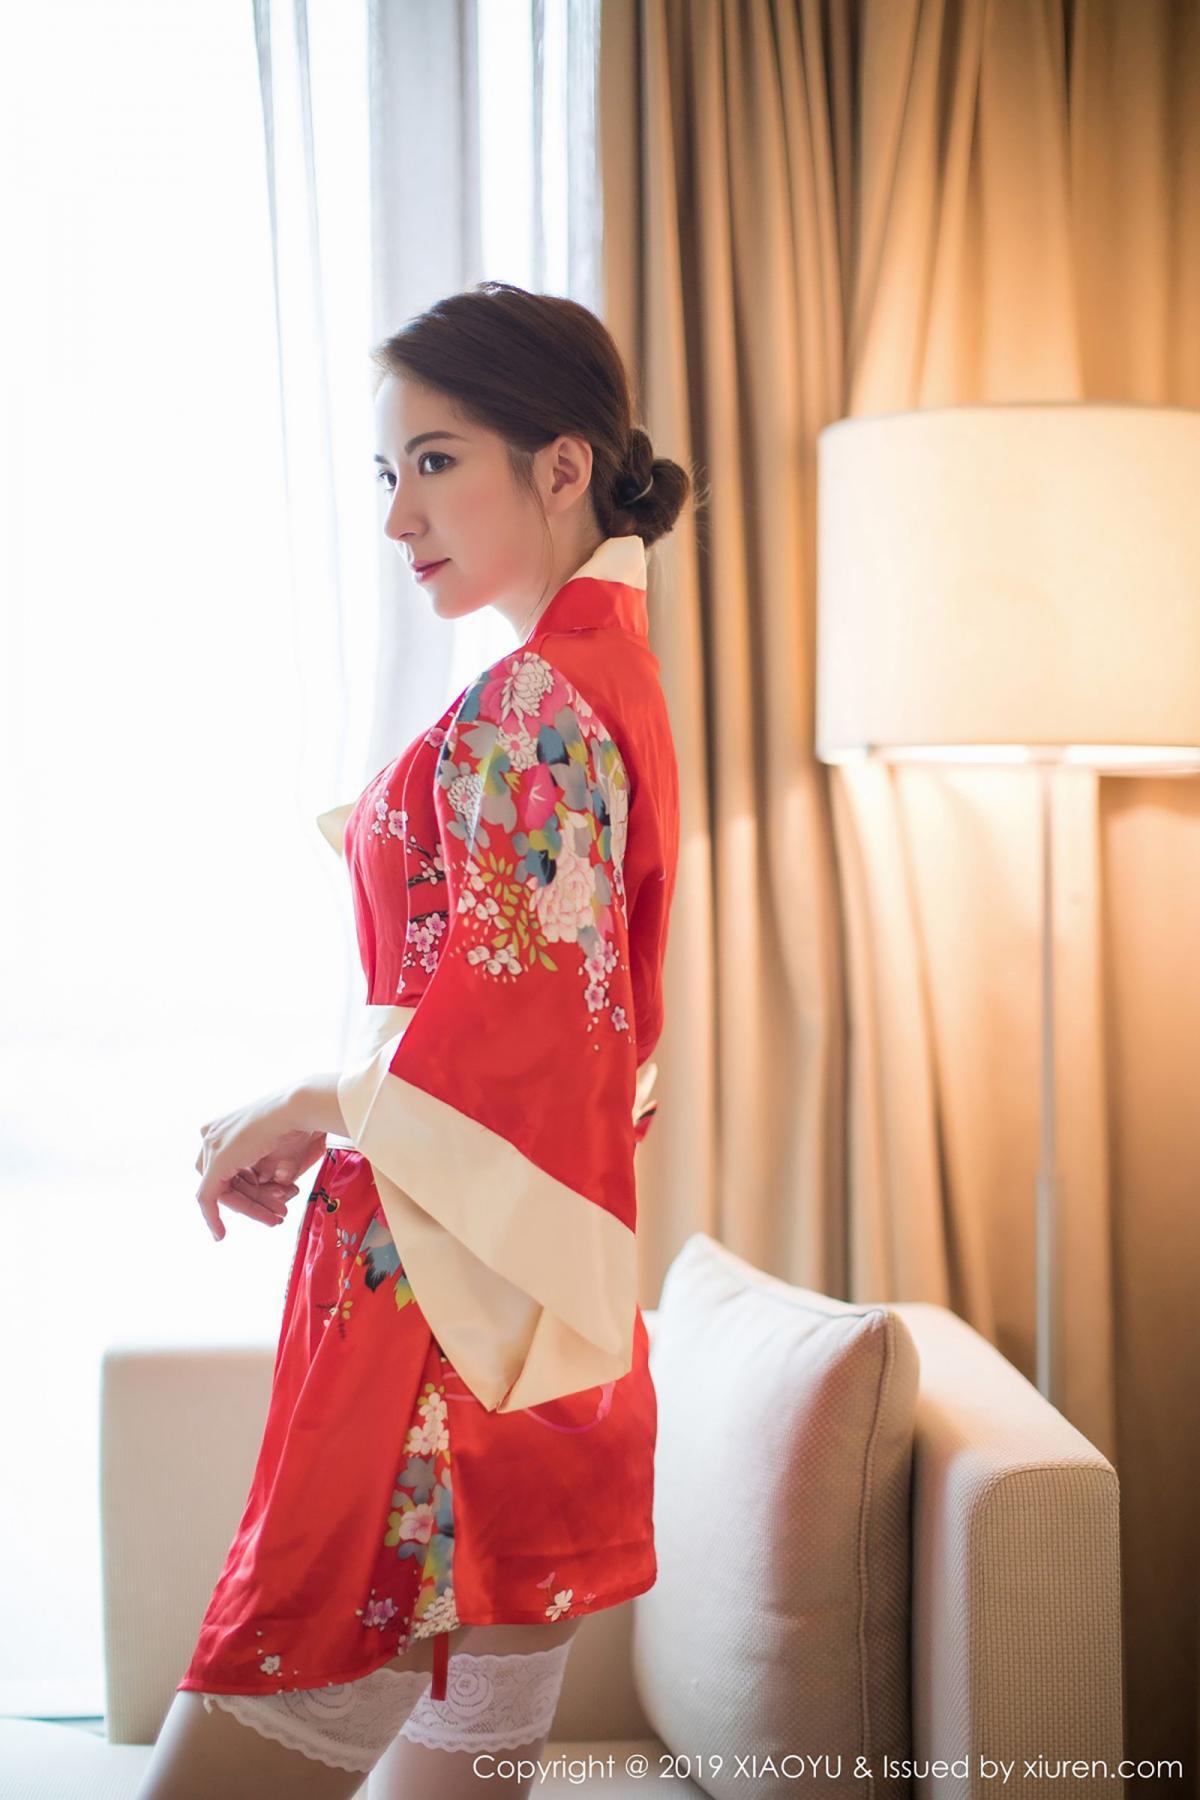 [XiaoYu] Vol.014 Chen Liang Ling 14P, Chen Liang Ling, Kimono, Tall, XiaoYu